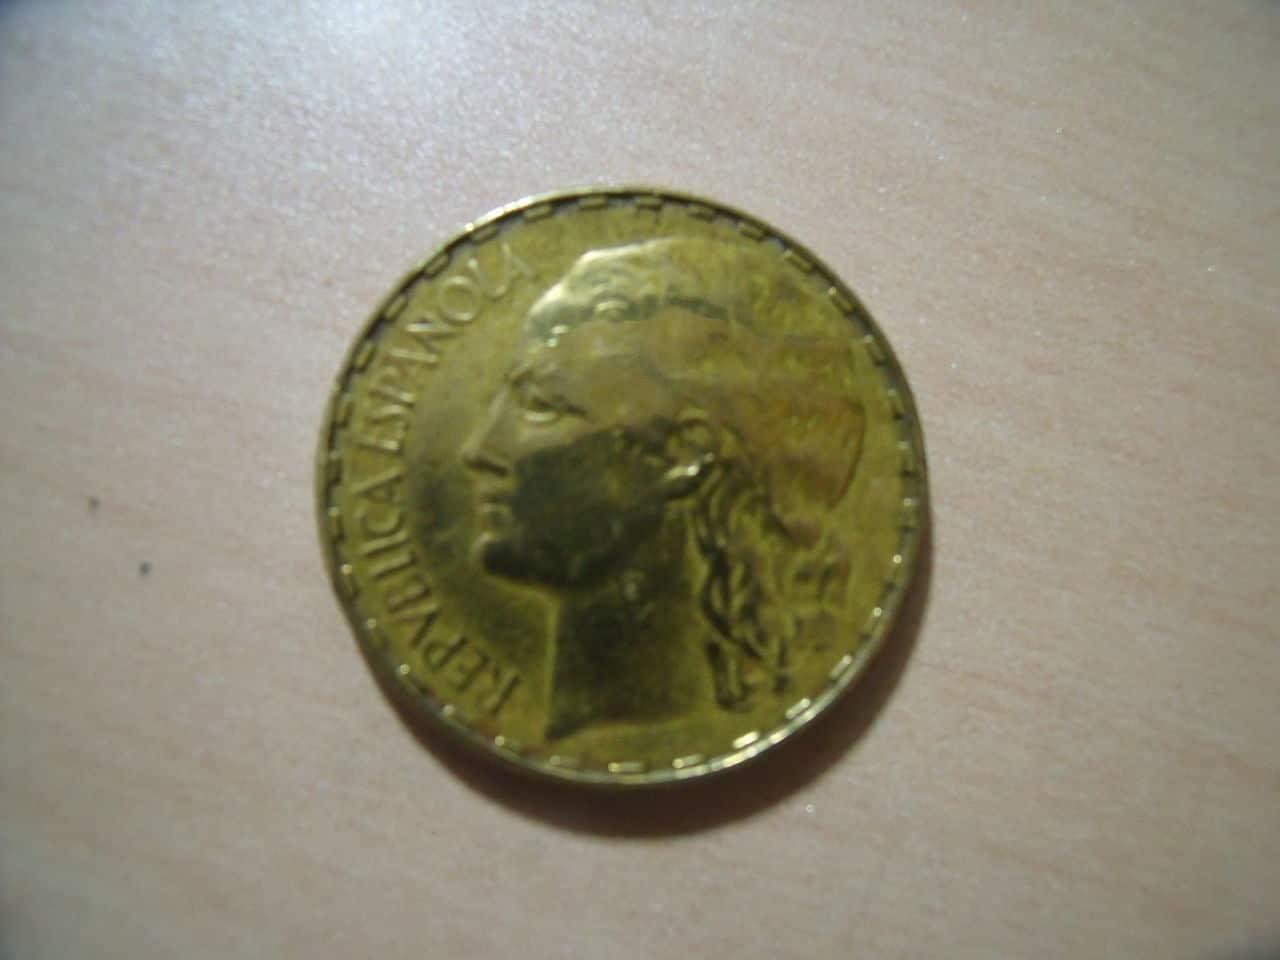 DUDAS en moneda 1 Pta. 1937 Variante_1_Pta_1937_003